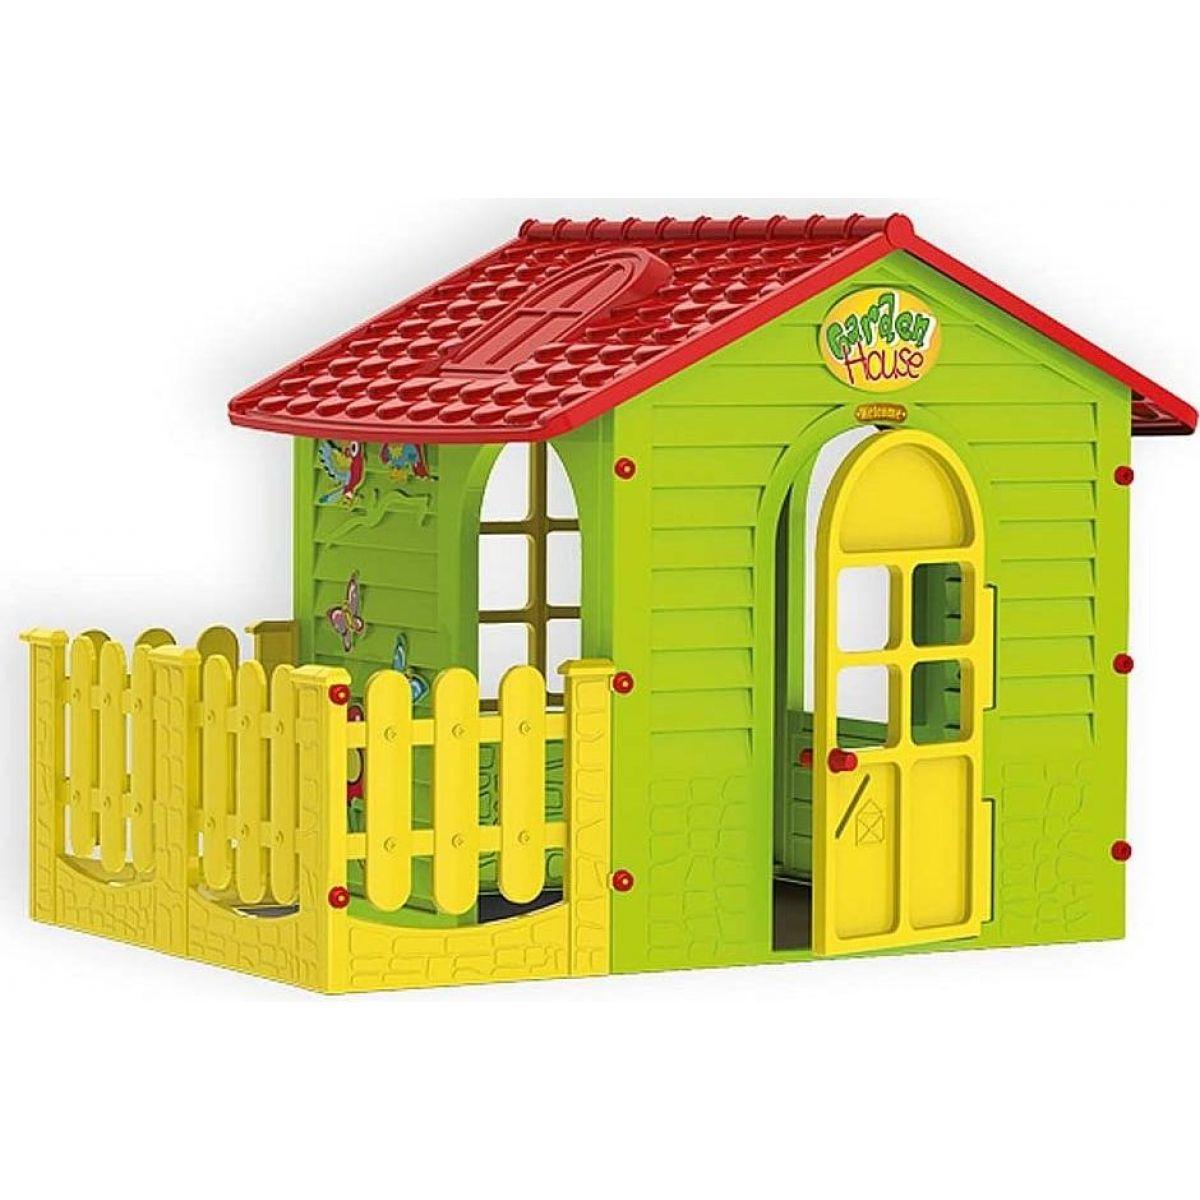 Mochtoys Zahradní domek s plotem - Poškozený obal